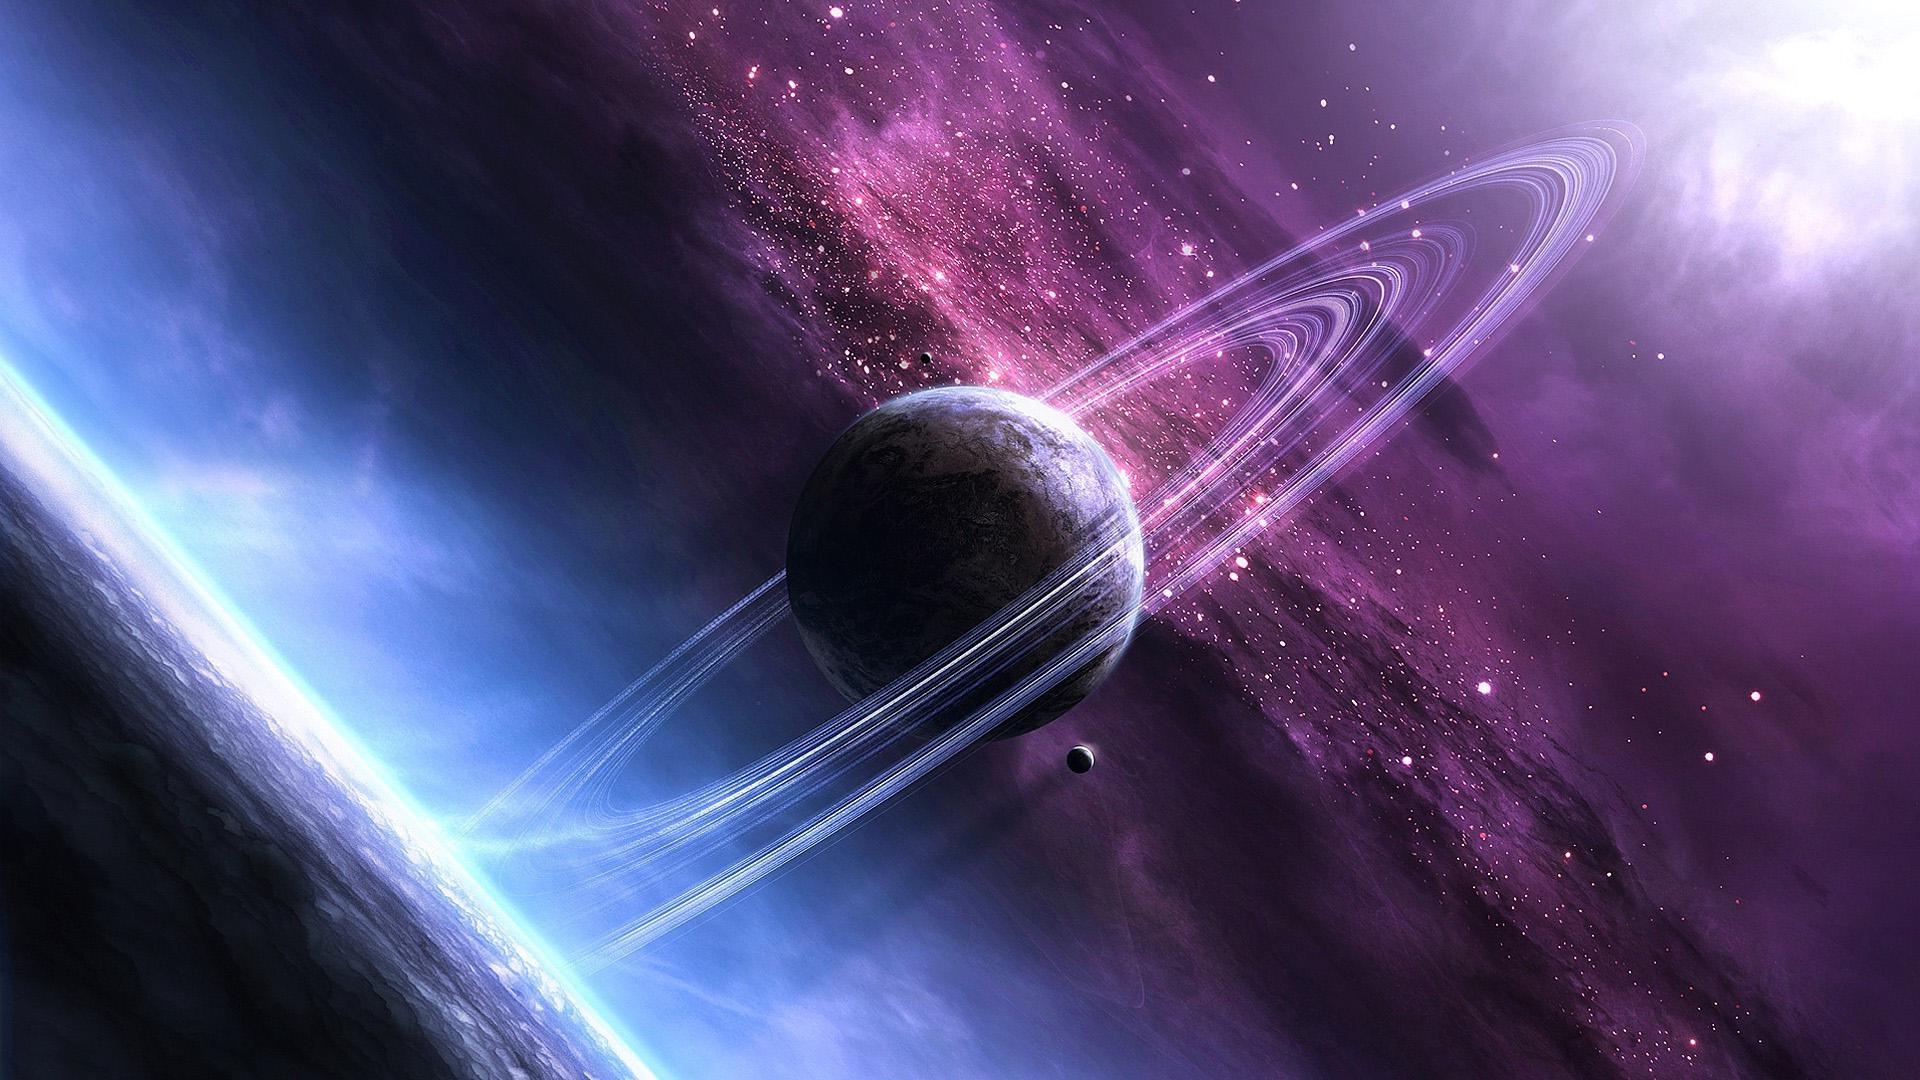 Звездный космос, планета и звезды во вселенной, hd заставки, 1920 на 1080 пикселей